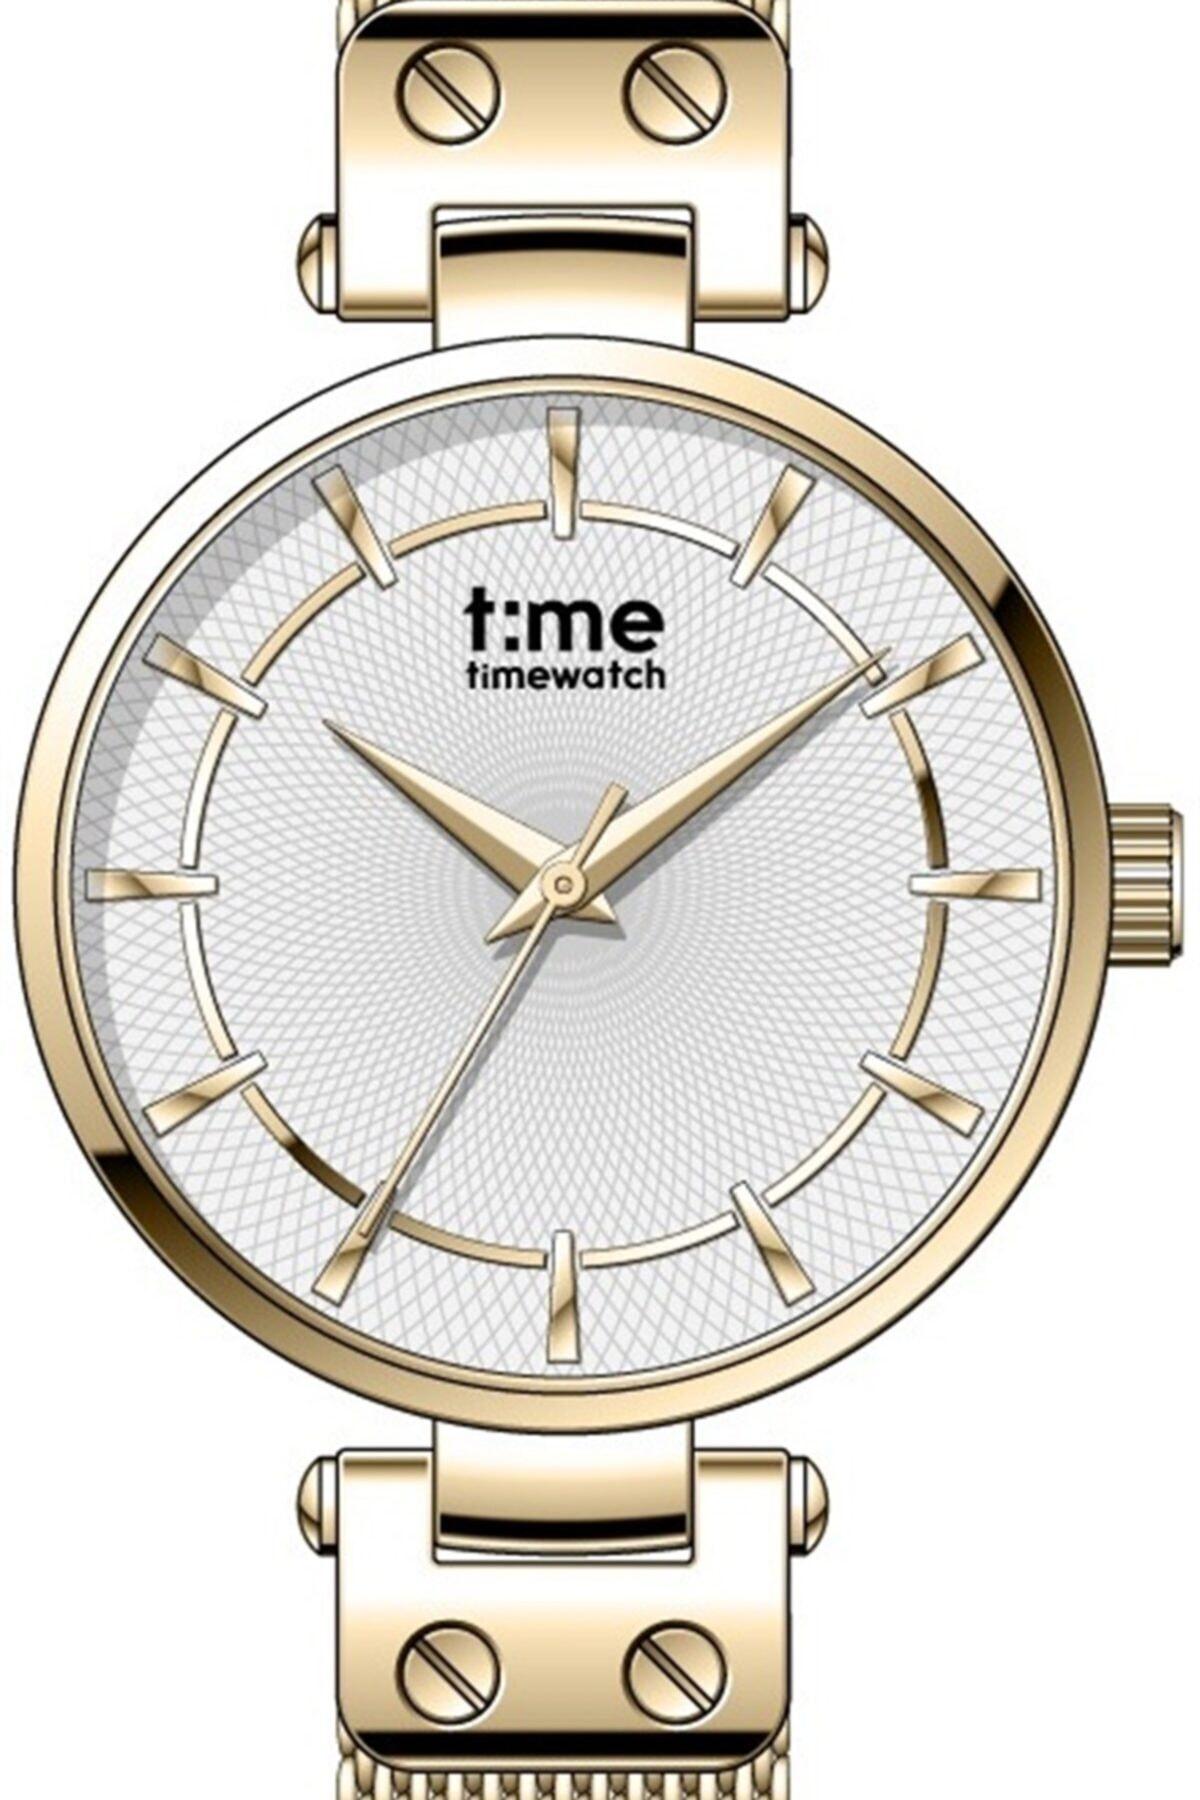 Timewatch Time Watch Tw.133.4 Gsg Kol Saati 1